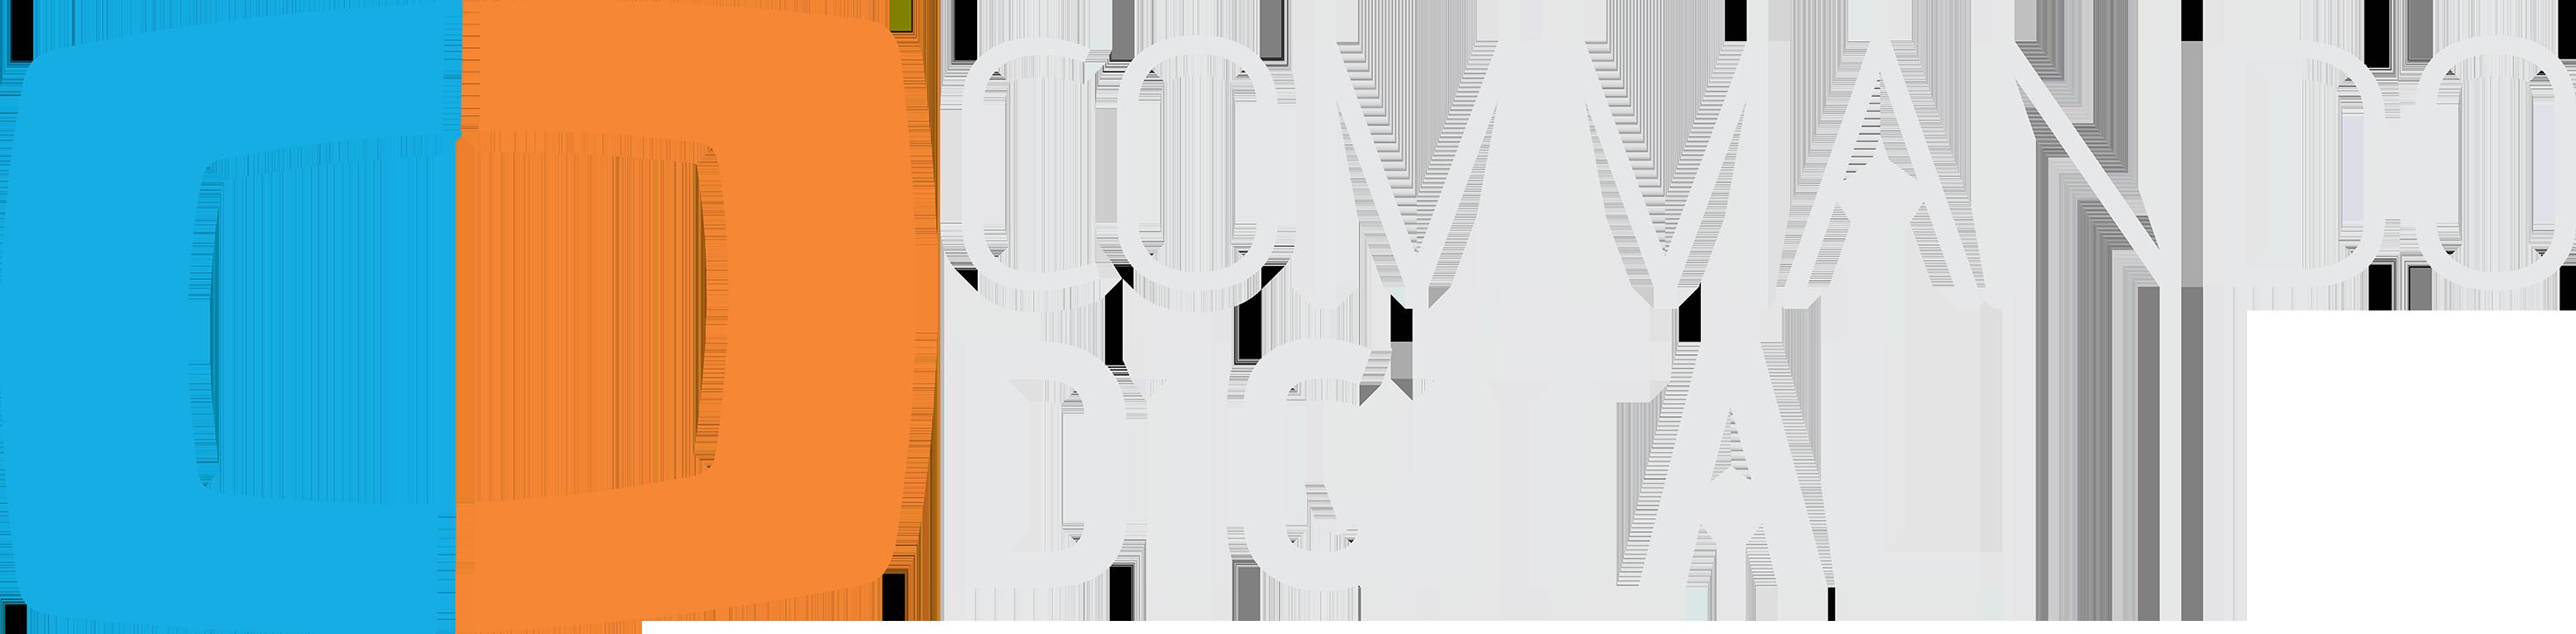 Commando DIGITAL